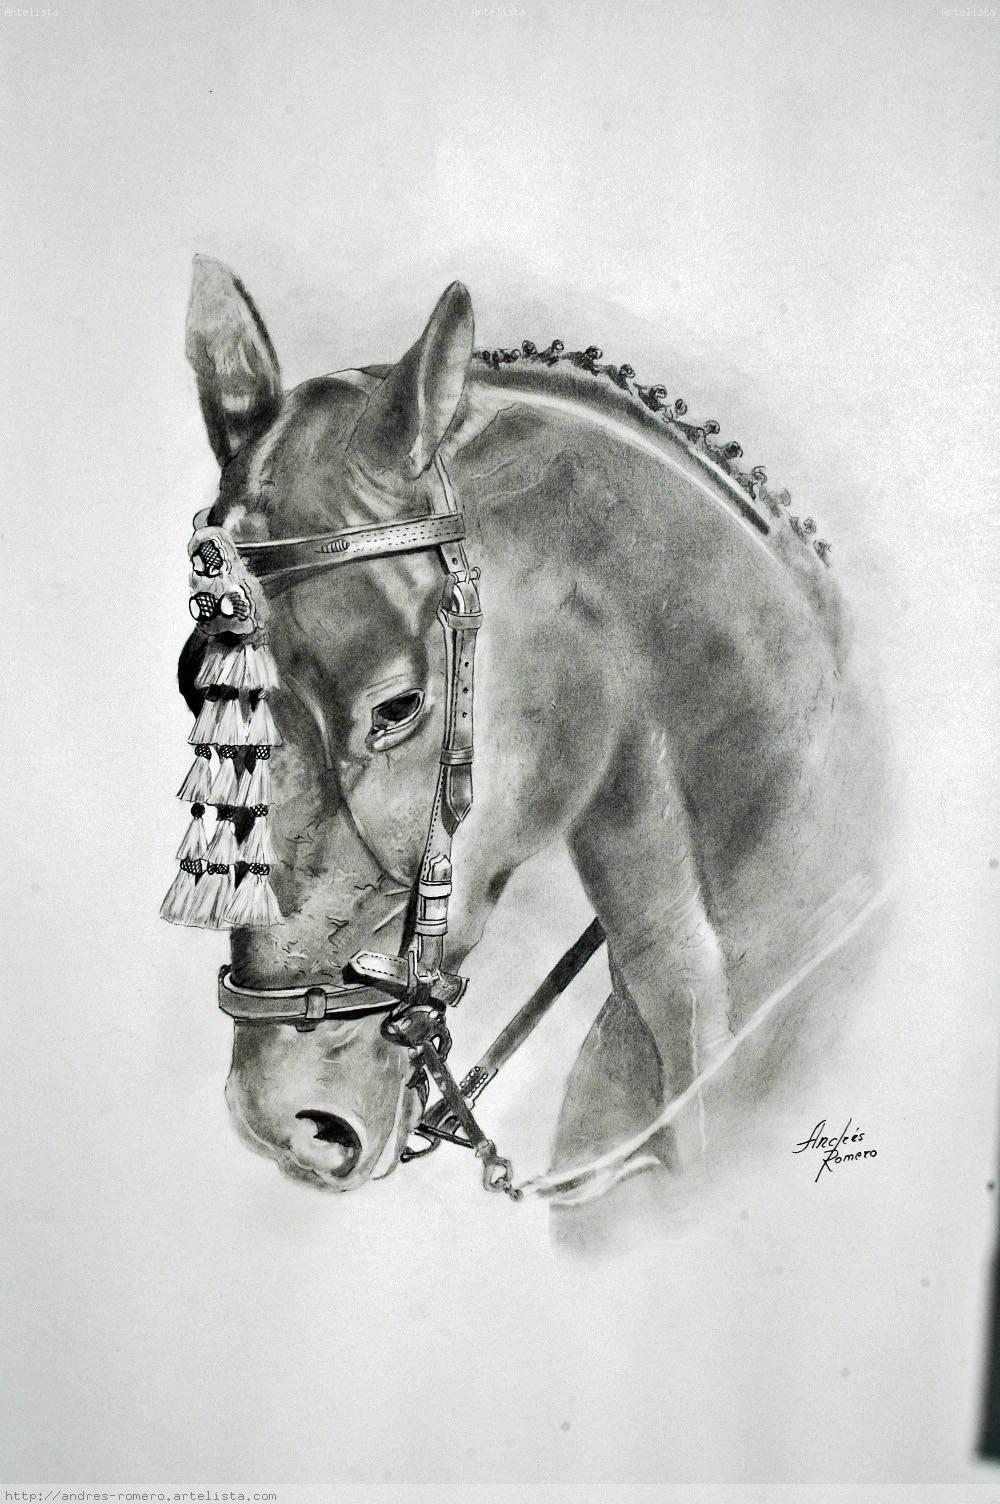 cabeza de caballos Pintor Andres Romero Torres  Artelistacom